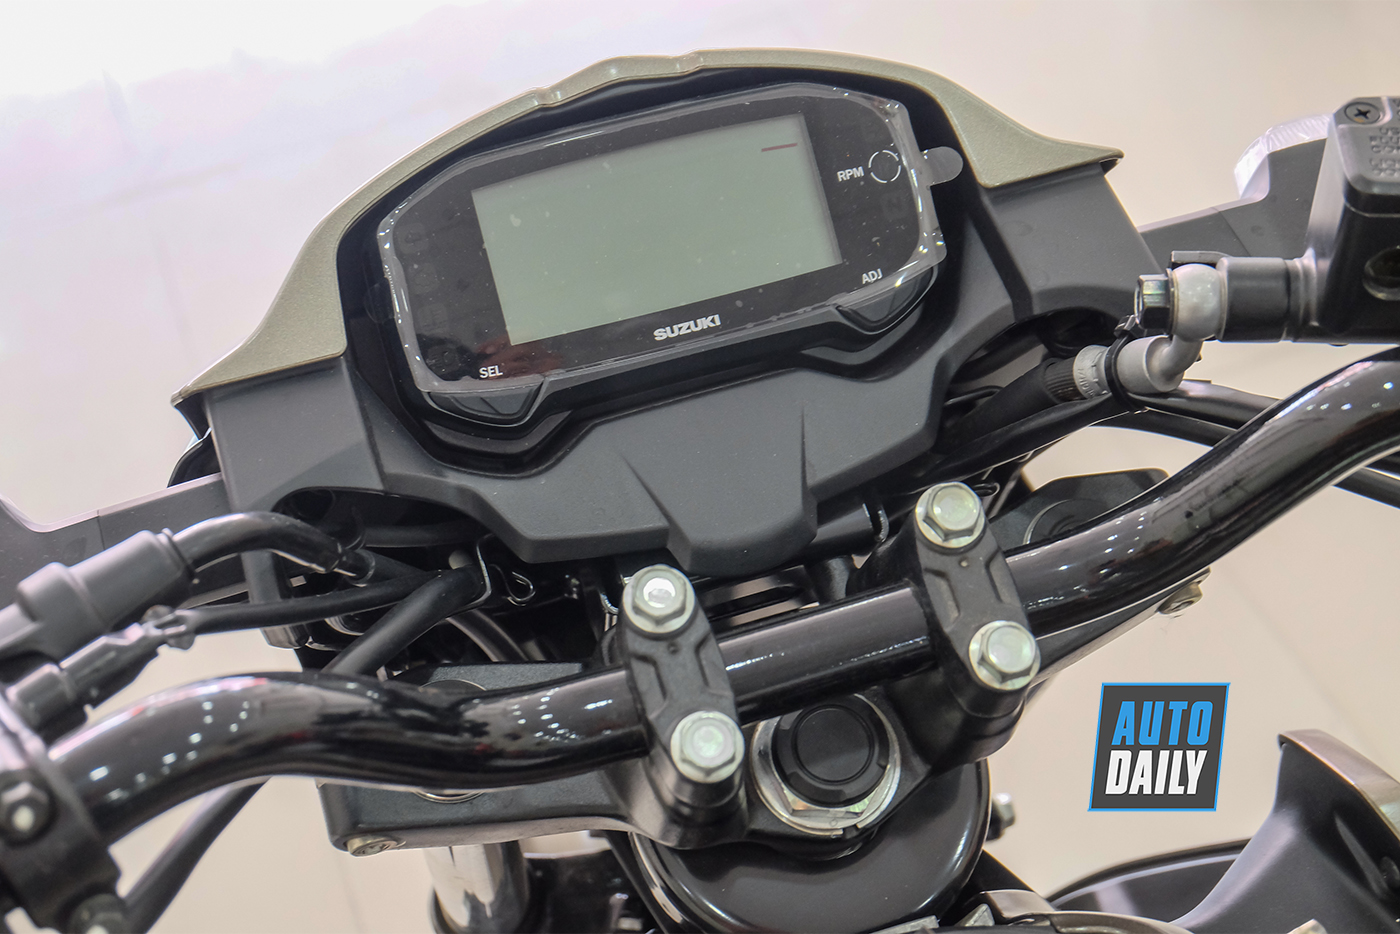 suzuki-gsx-150-bandit-22.jpg